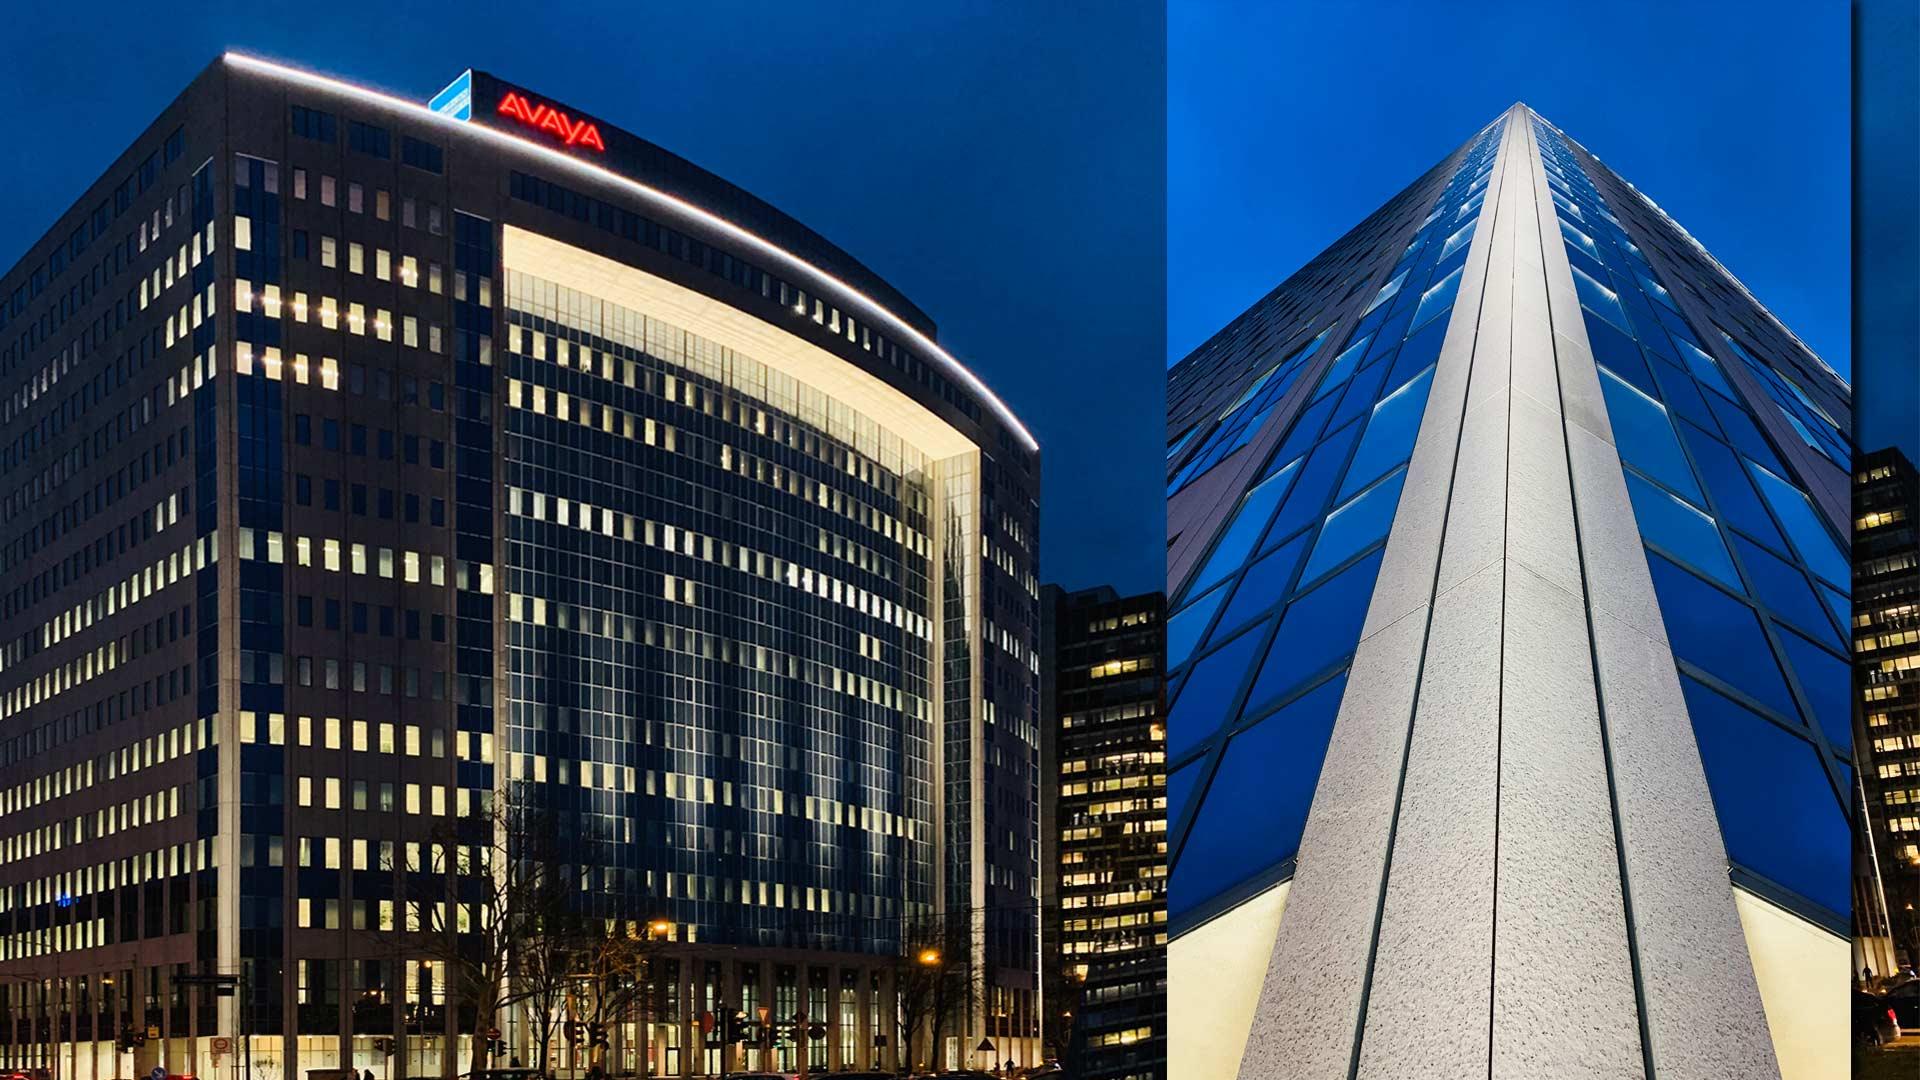 MAASS-Lichtplanung_Fassadenbeleuchtung Centurion / American Express__MAASS-Licht-AMEX-004